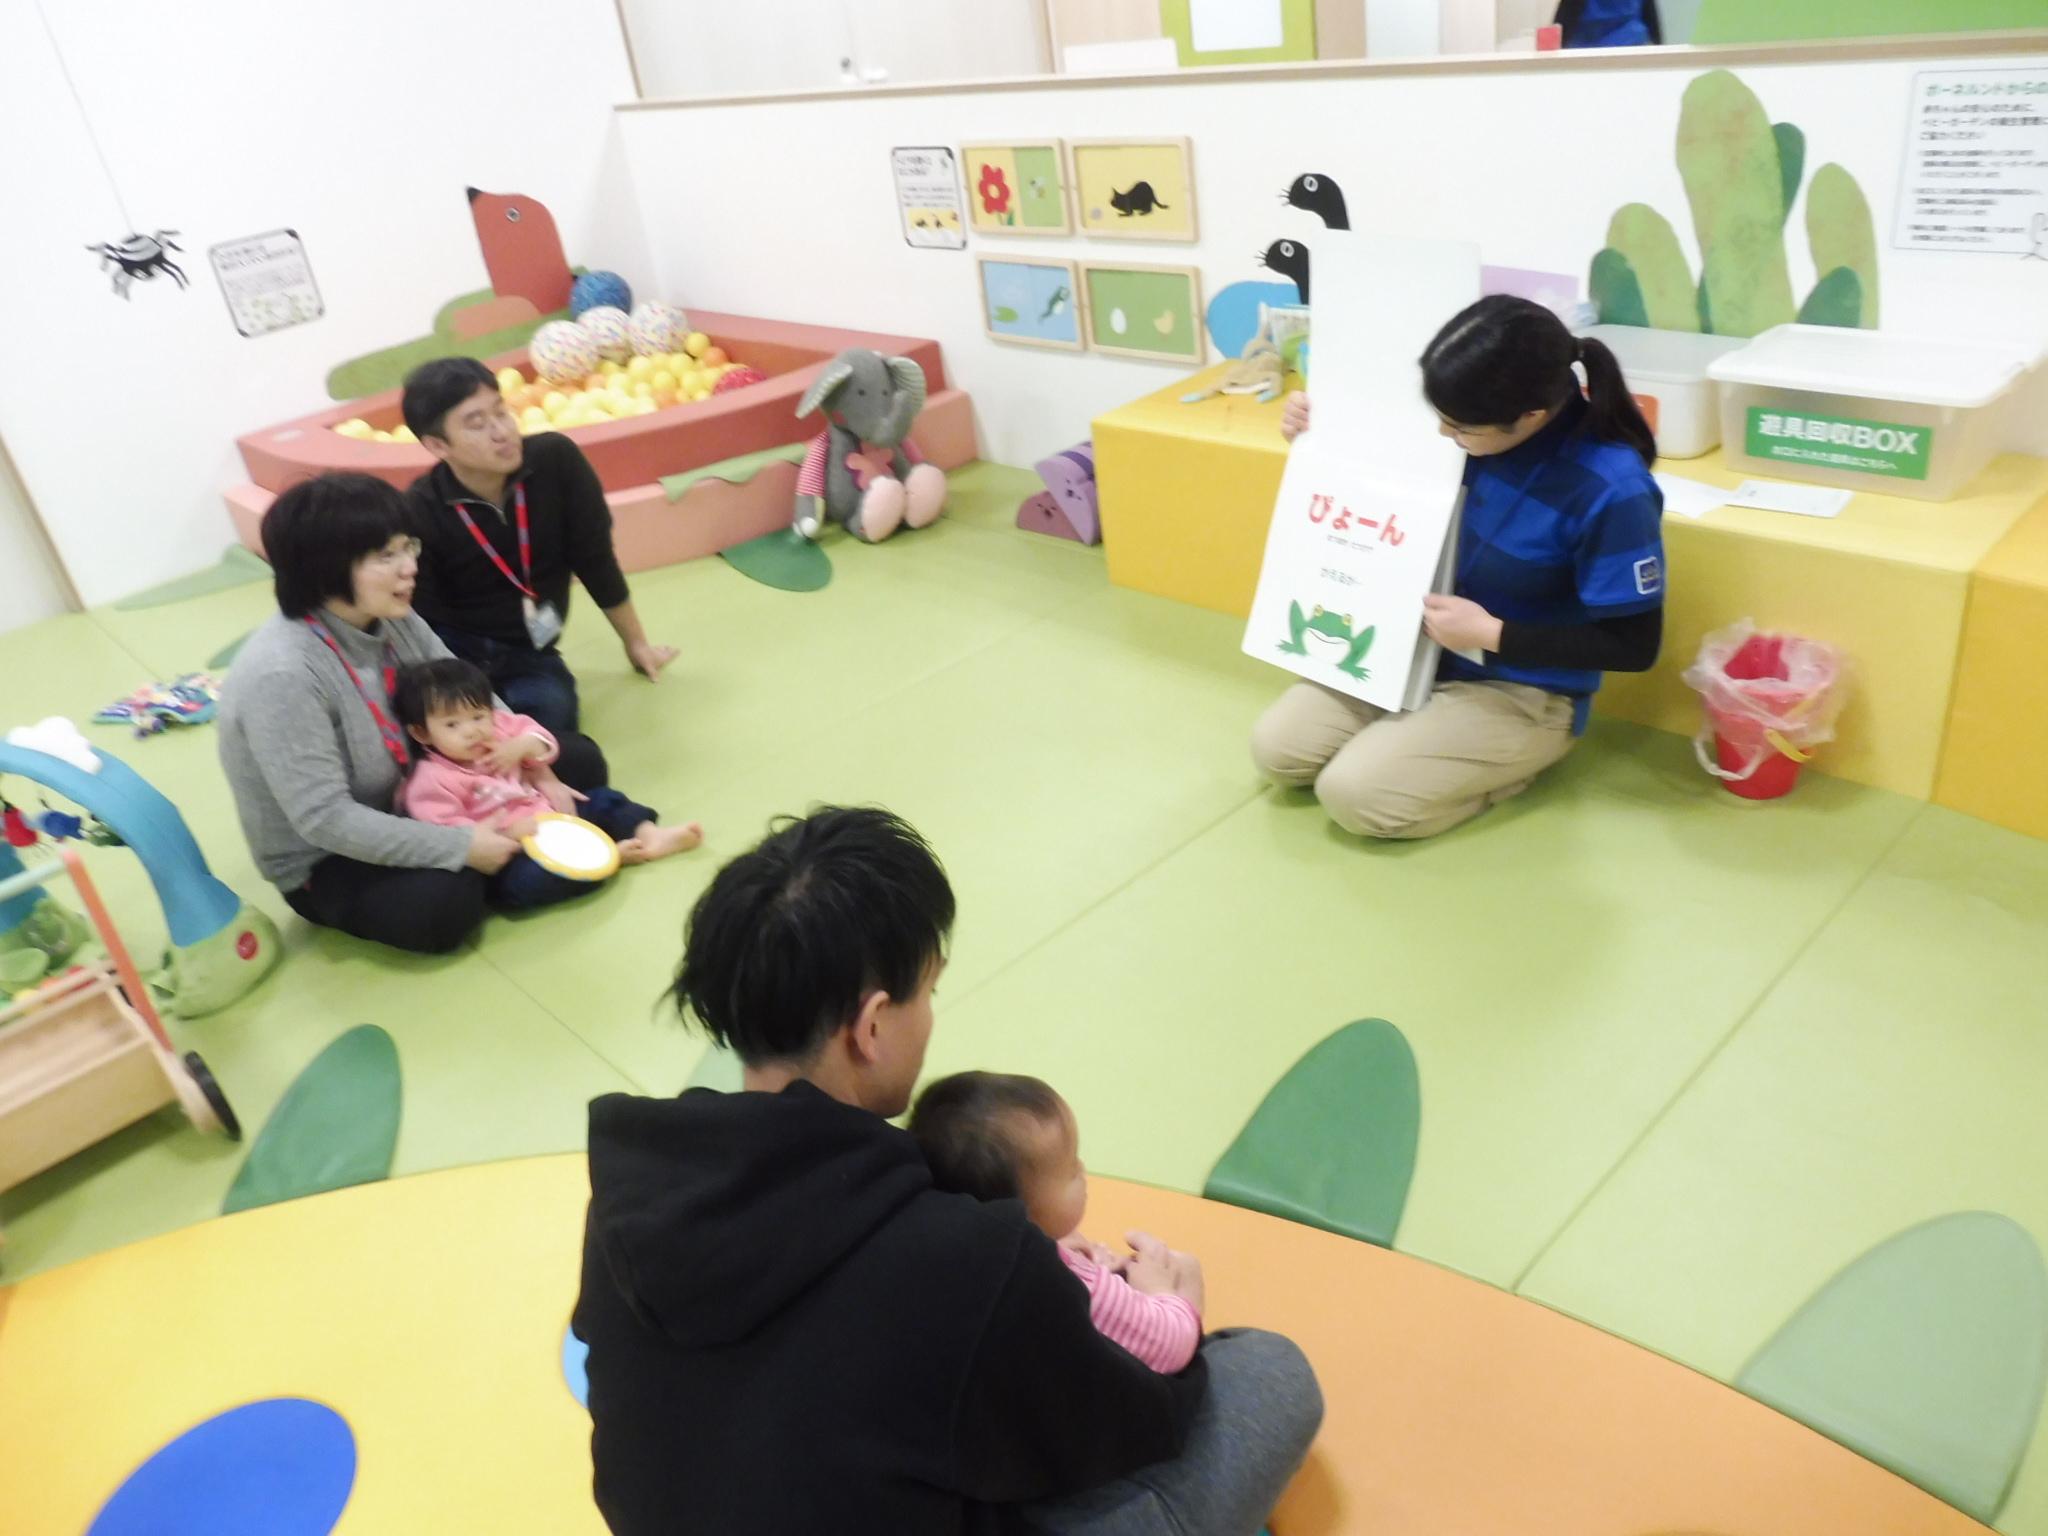 12月31日赤ちゃんイベントの様子